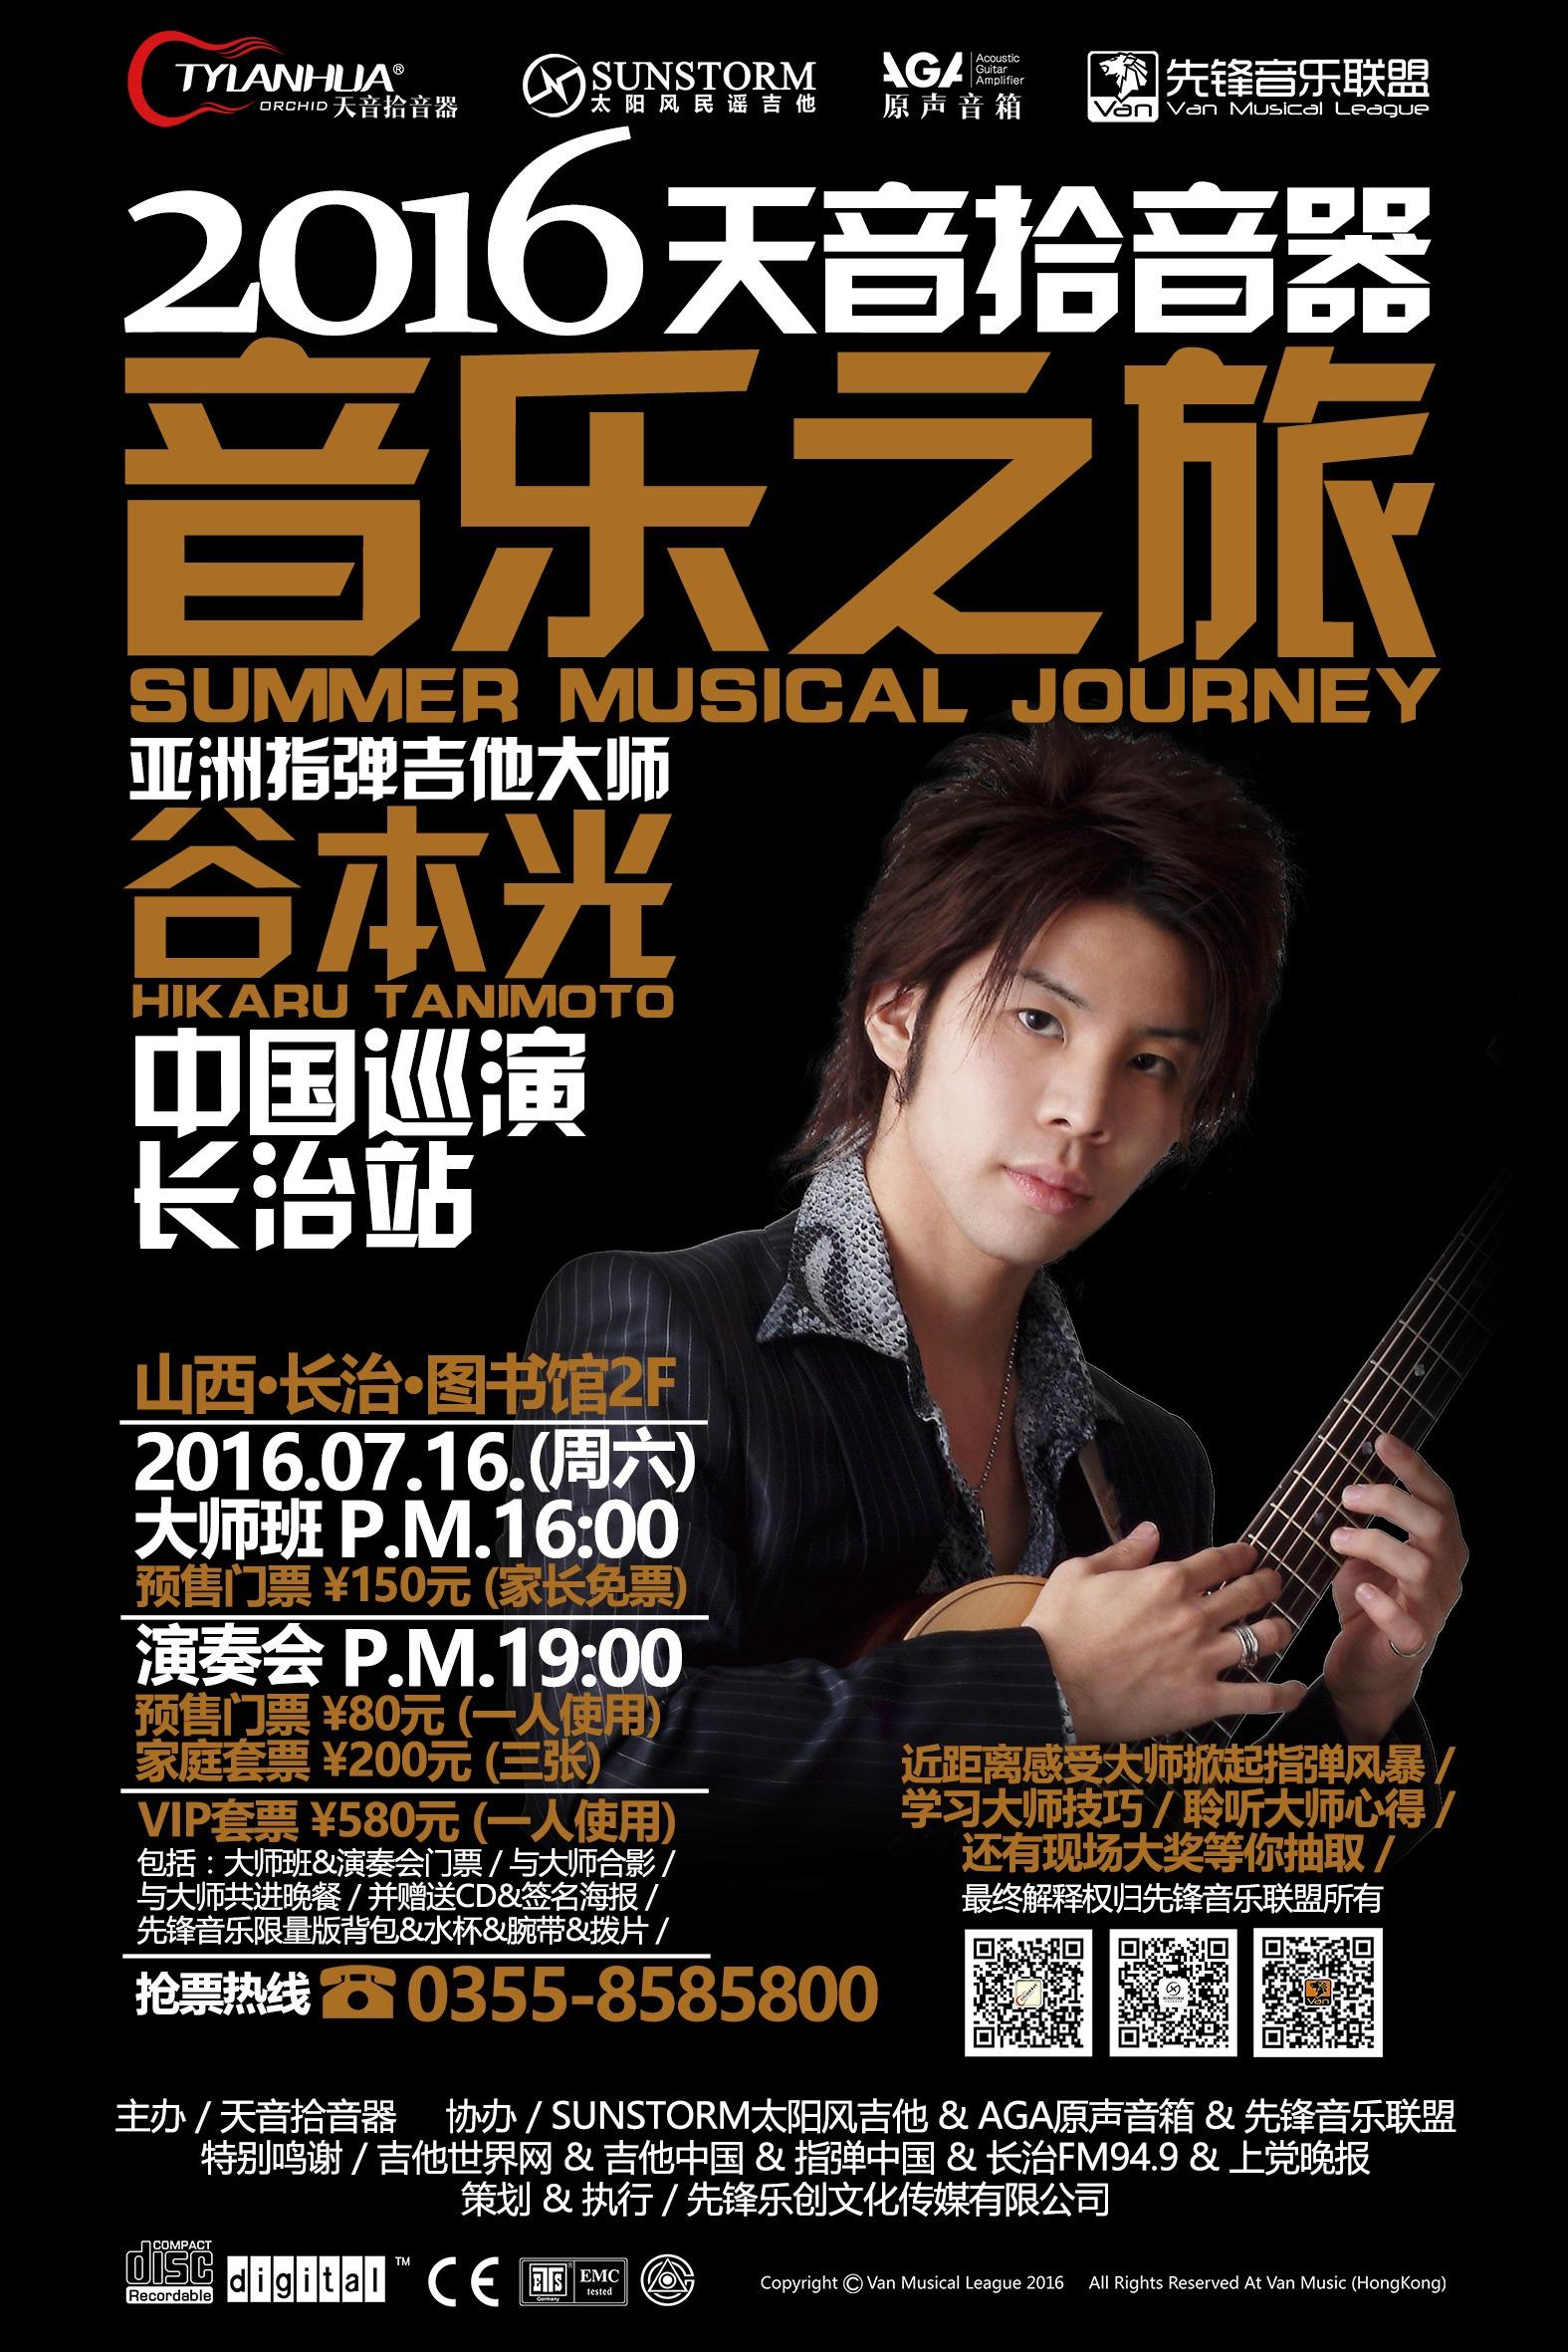 亚洲指弹吉他大师谷本光中国巡演长治站